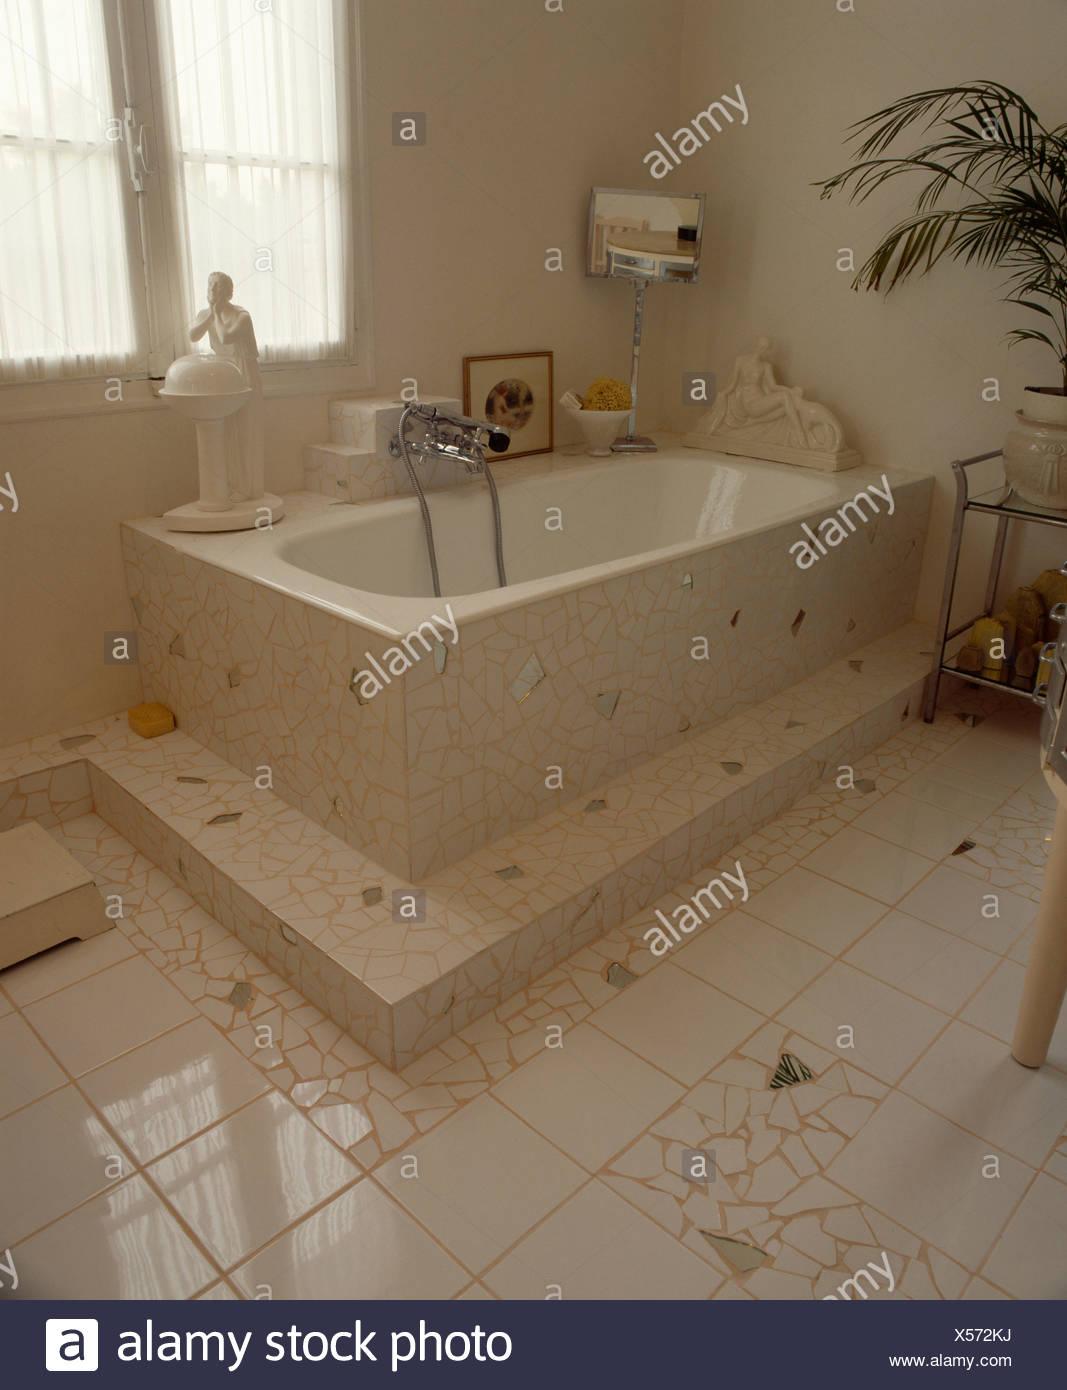 Baignoire et carreaux de miroir en blanc carrelage dans ...